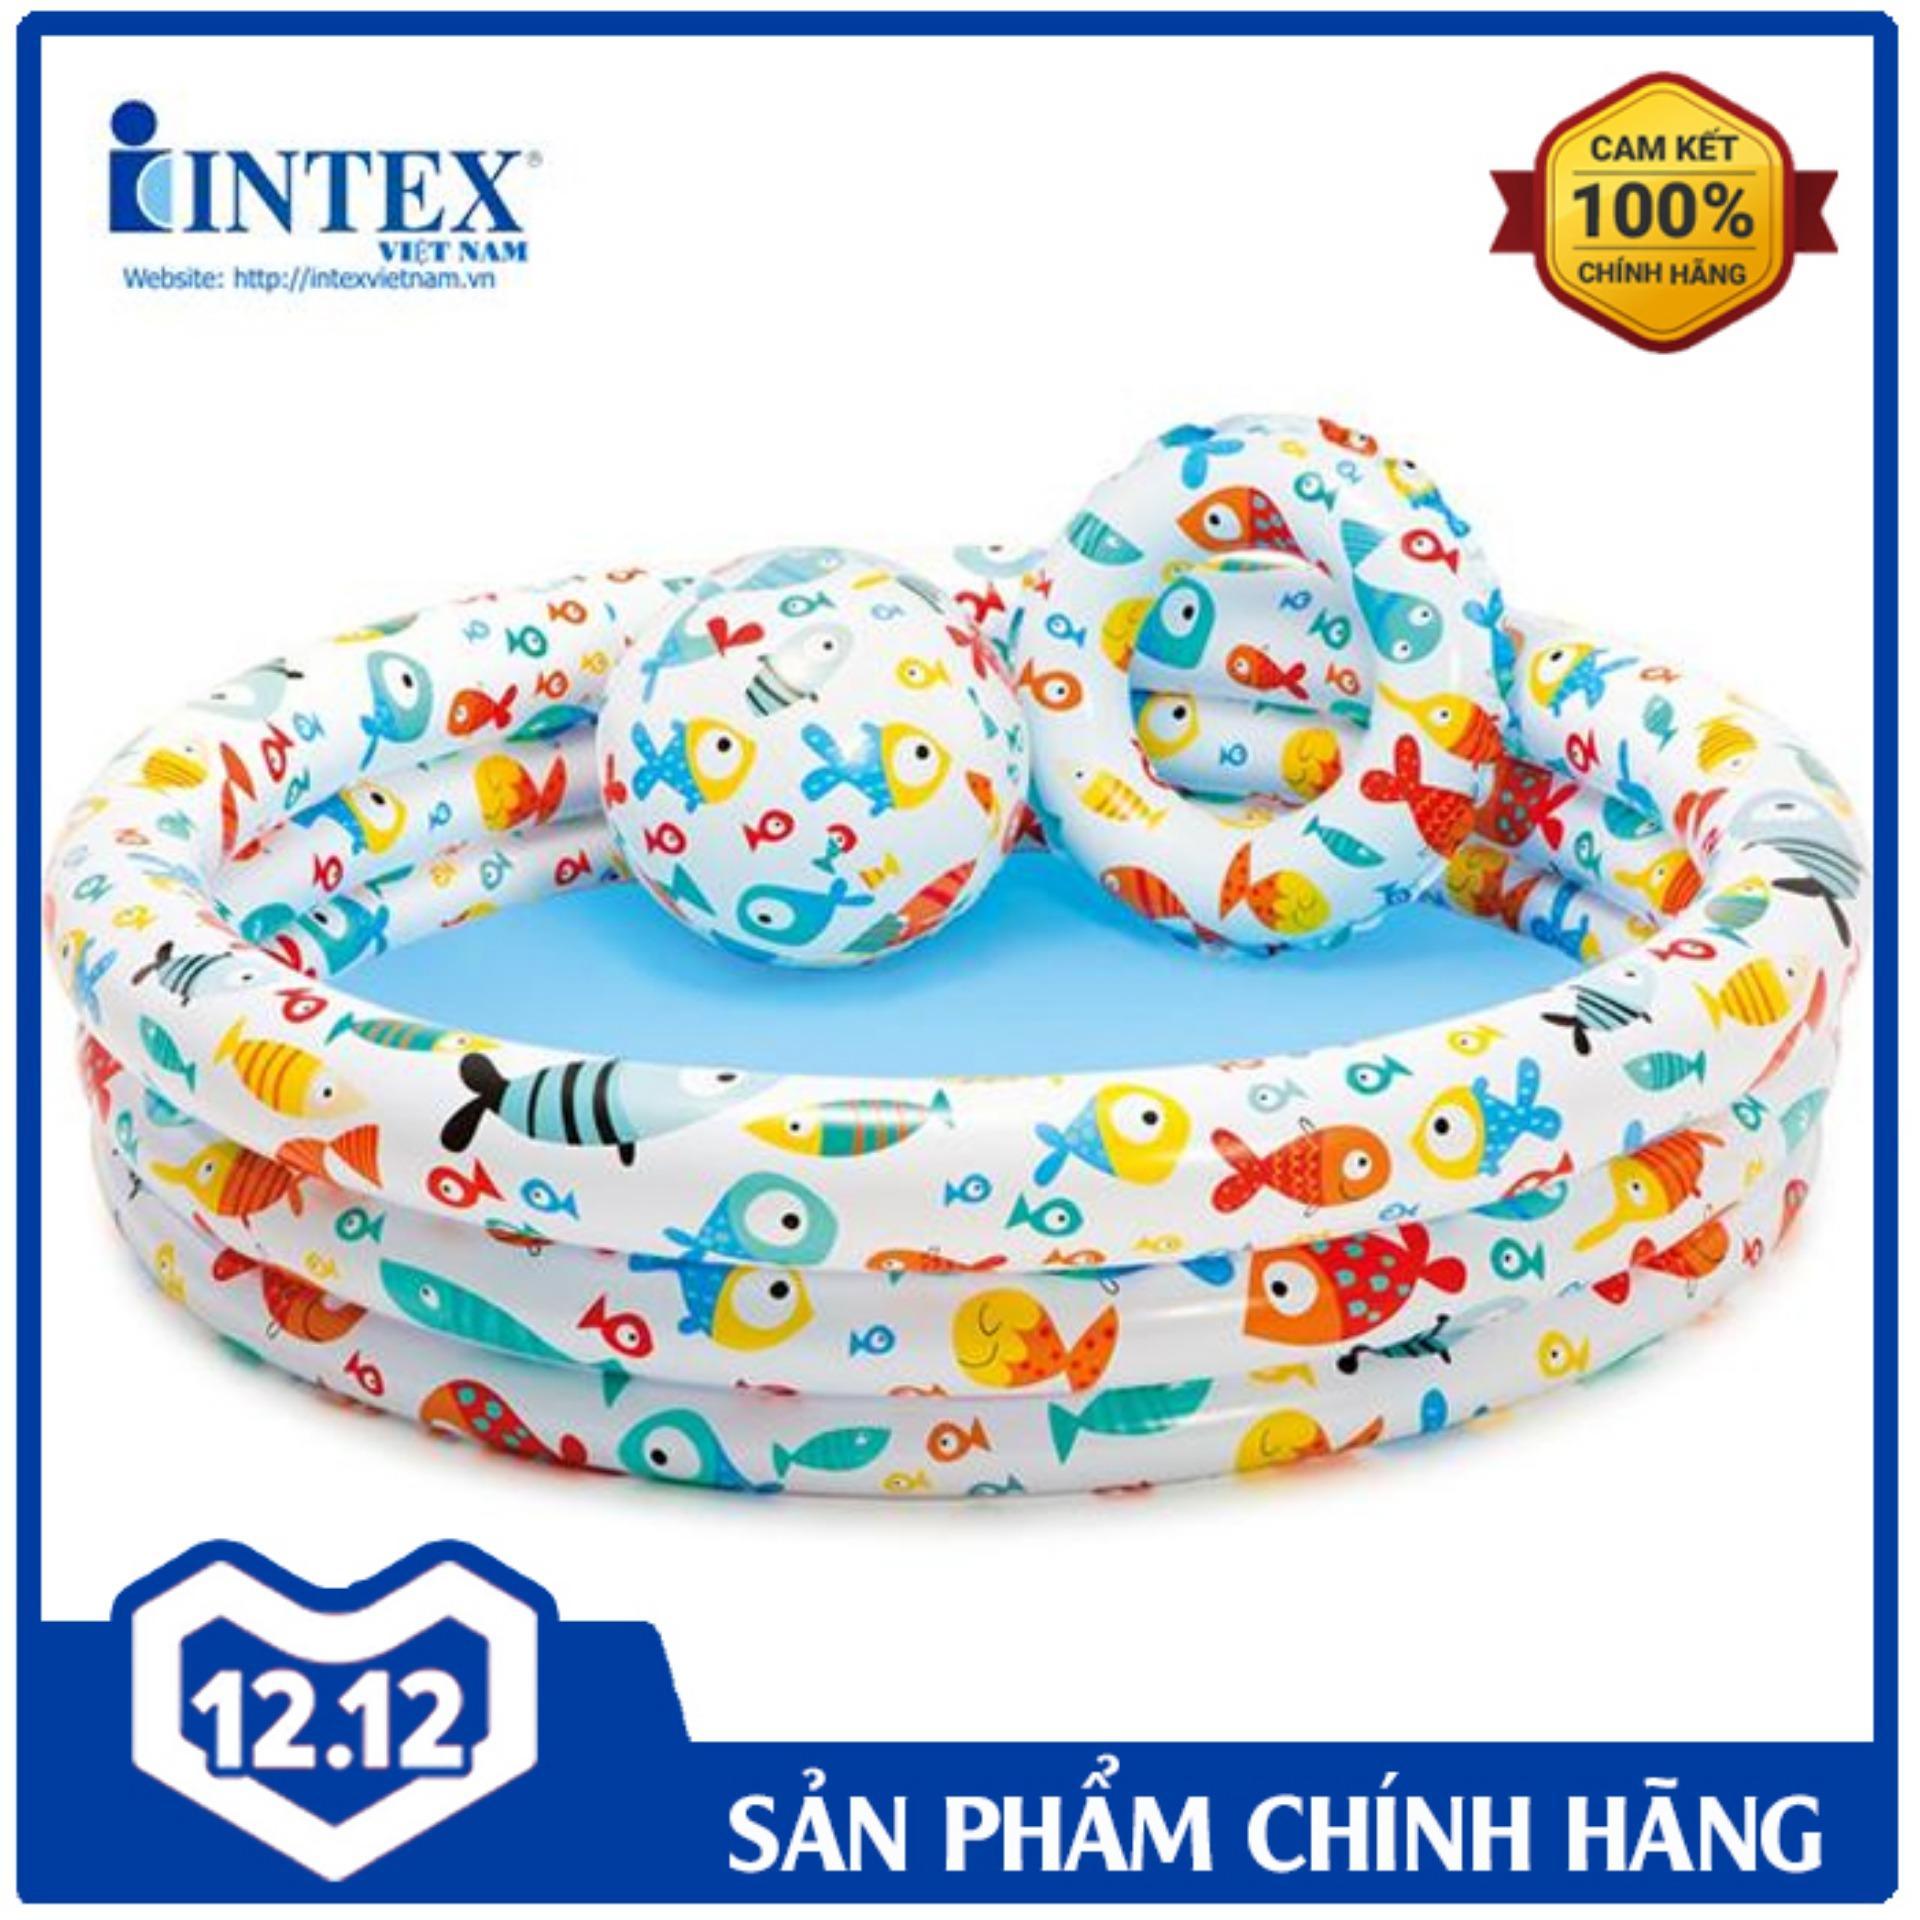 Bộ Bể 1m32 + Bóng + Phao Intex 59469 - Hồ Bơi Cho Bé Mini, Bể Bơi Phao Trẻ Em Bất Ngờ Ưu Đãi Giá